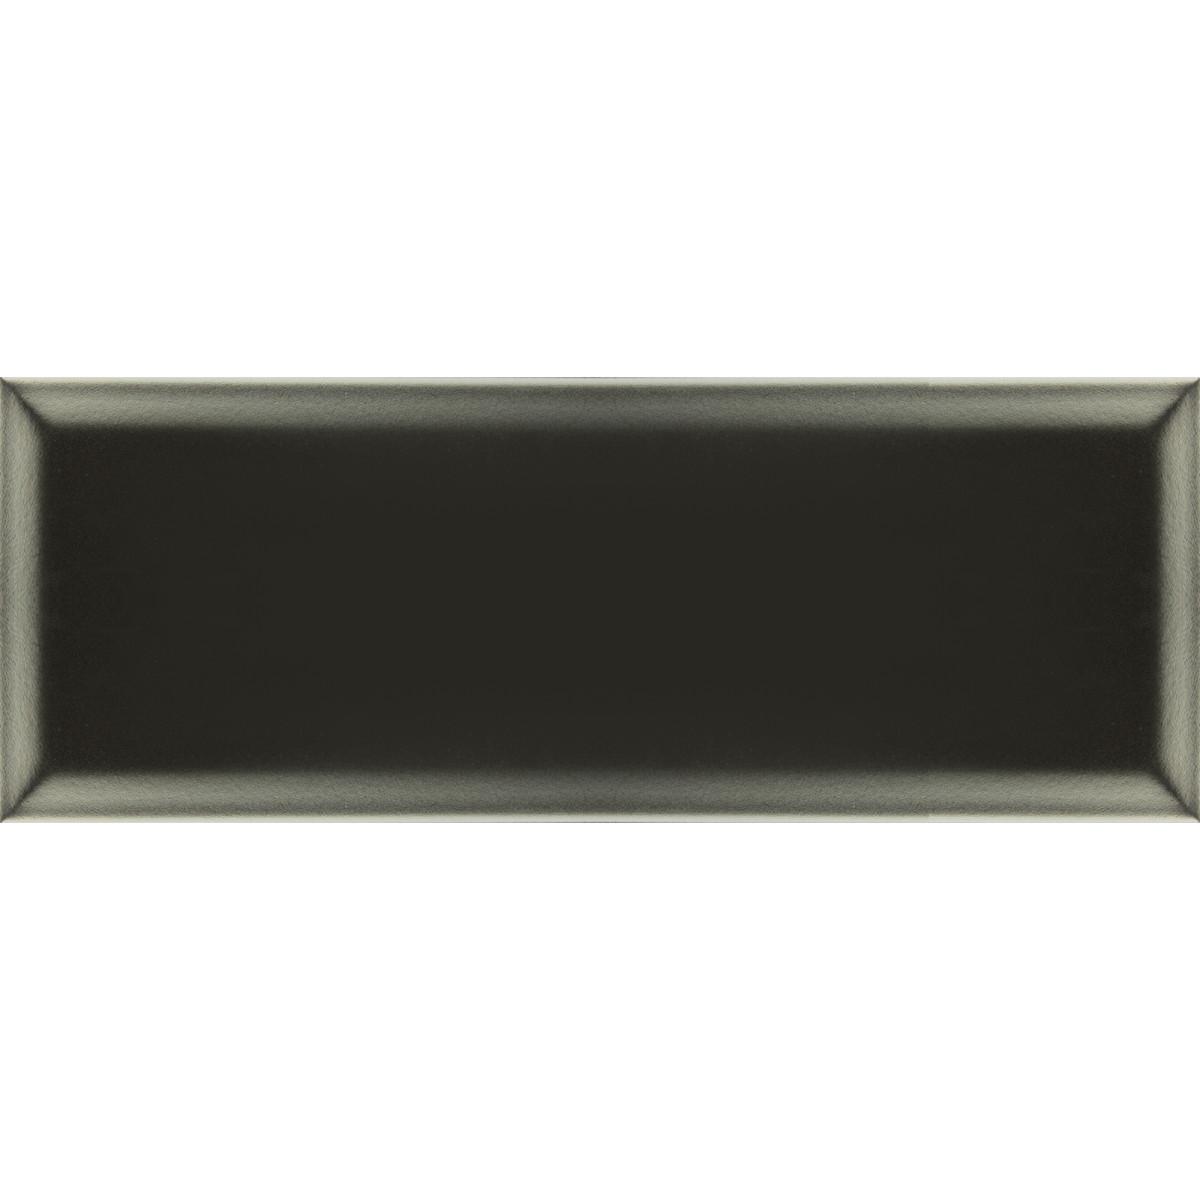 Плитка настенная Бельканто Грань 15х40 см 1.32 м2 цвет черный